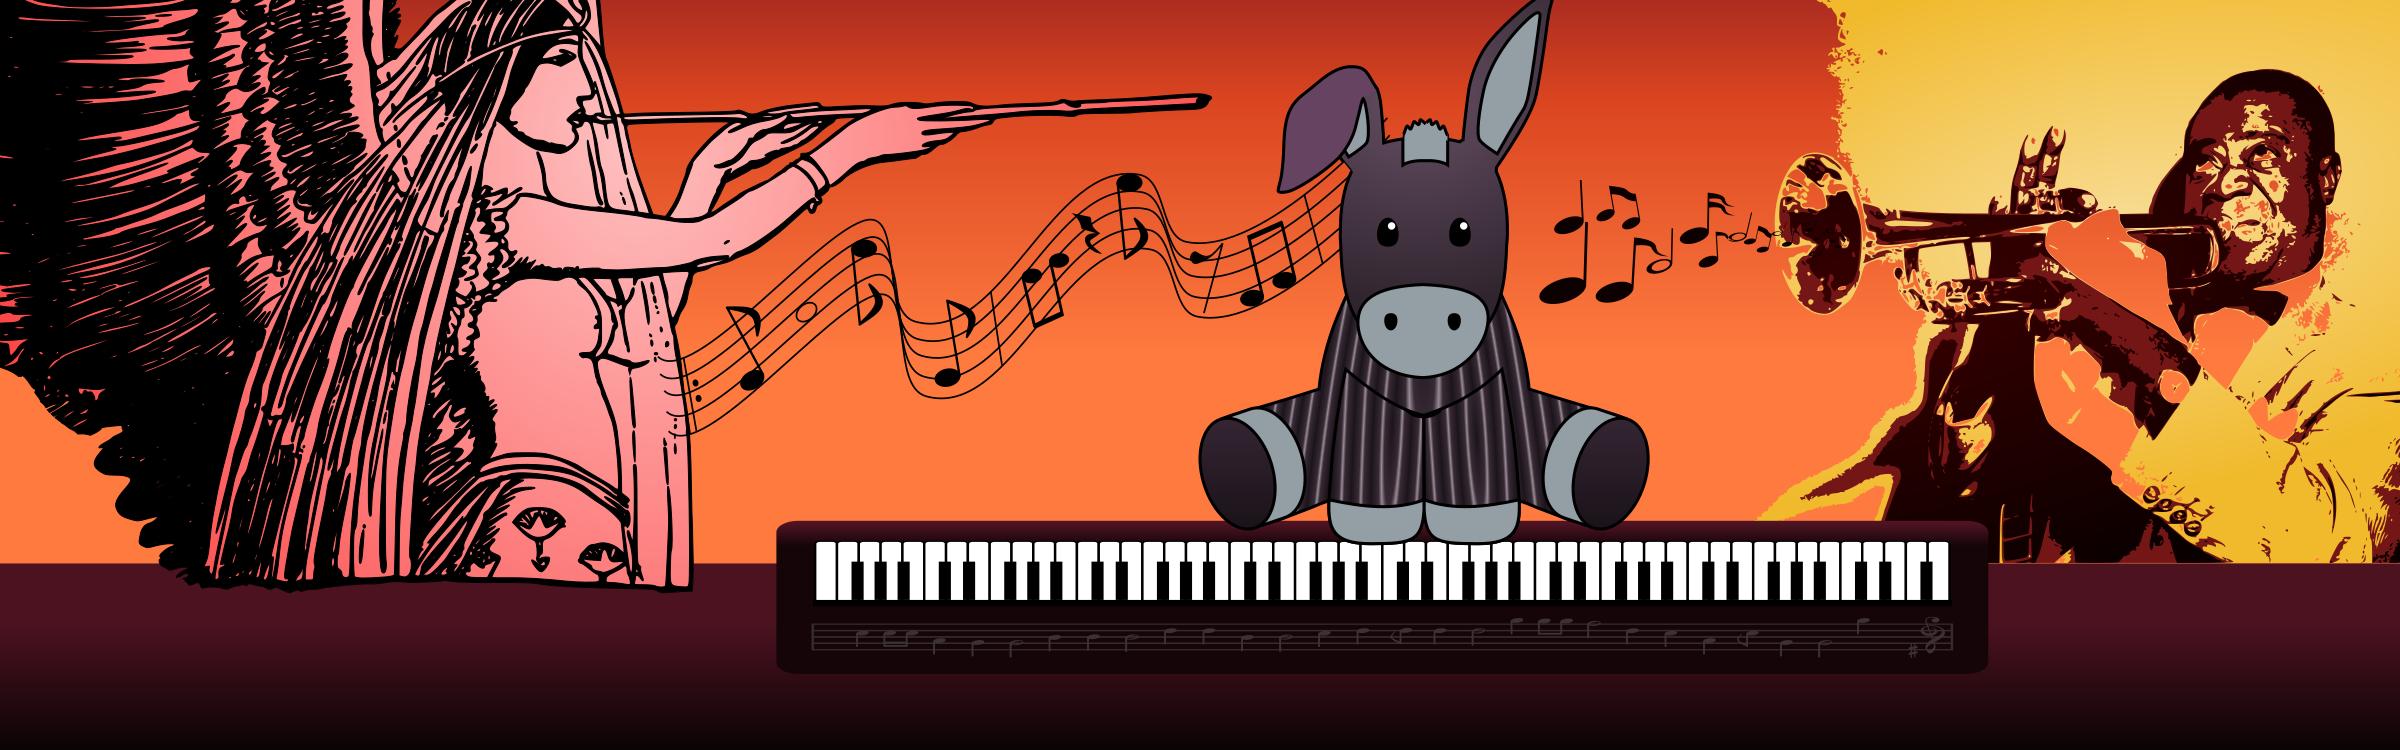 Musical Instrument,Art,Poster